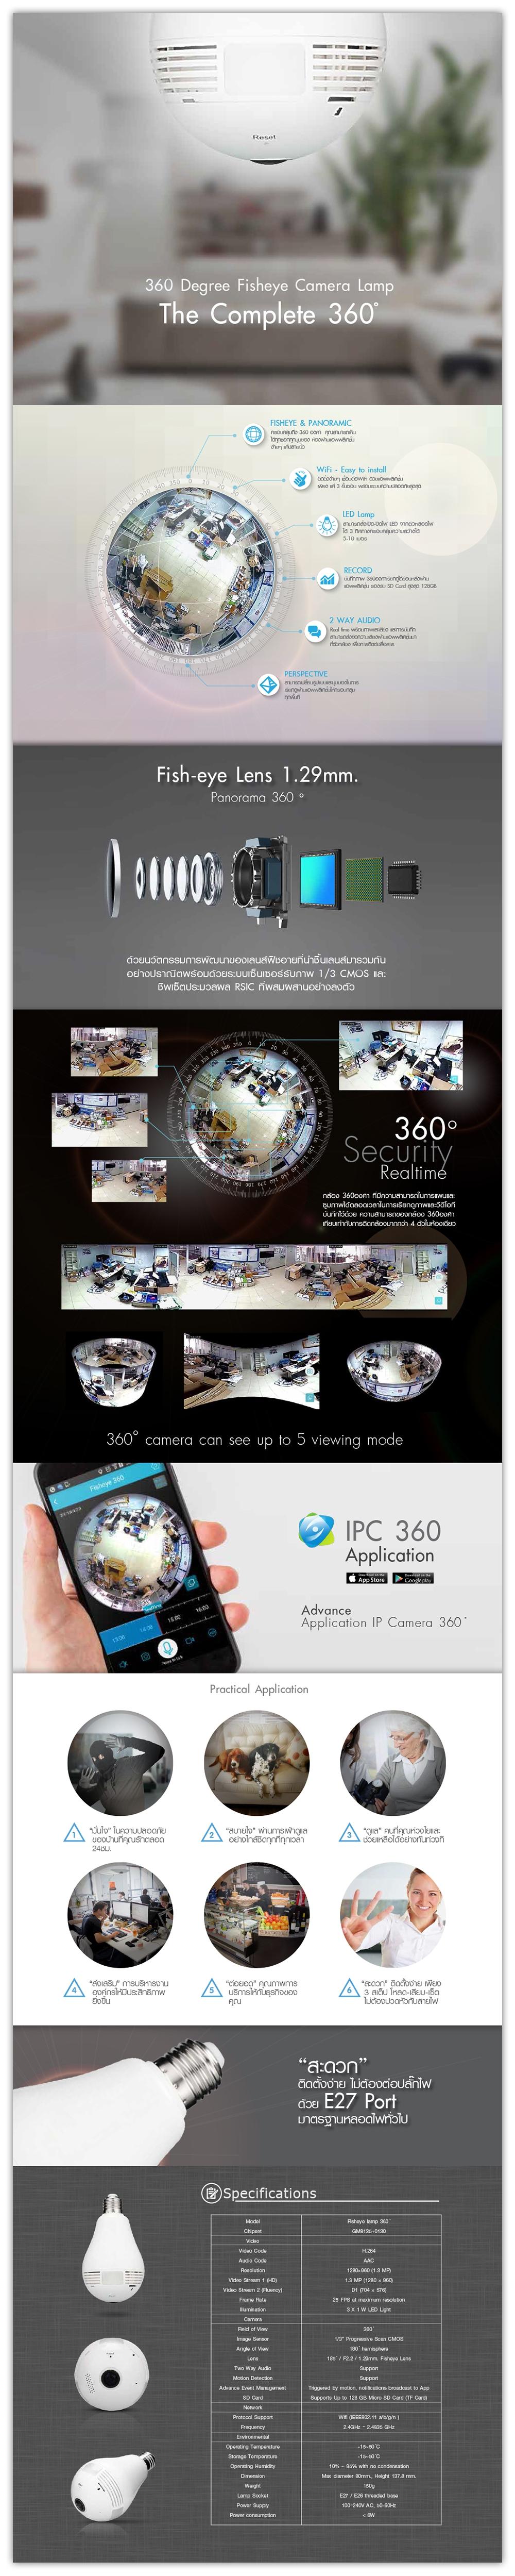 ABT SMART PANO, WiFi camera, cctv, FISHEYE, กล้องวงจรปิด, กล้องไวไฟ, ดูกล้องผ่านแอพบนมือถือ